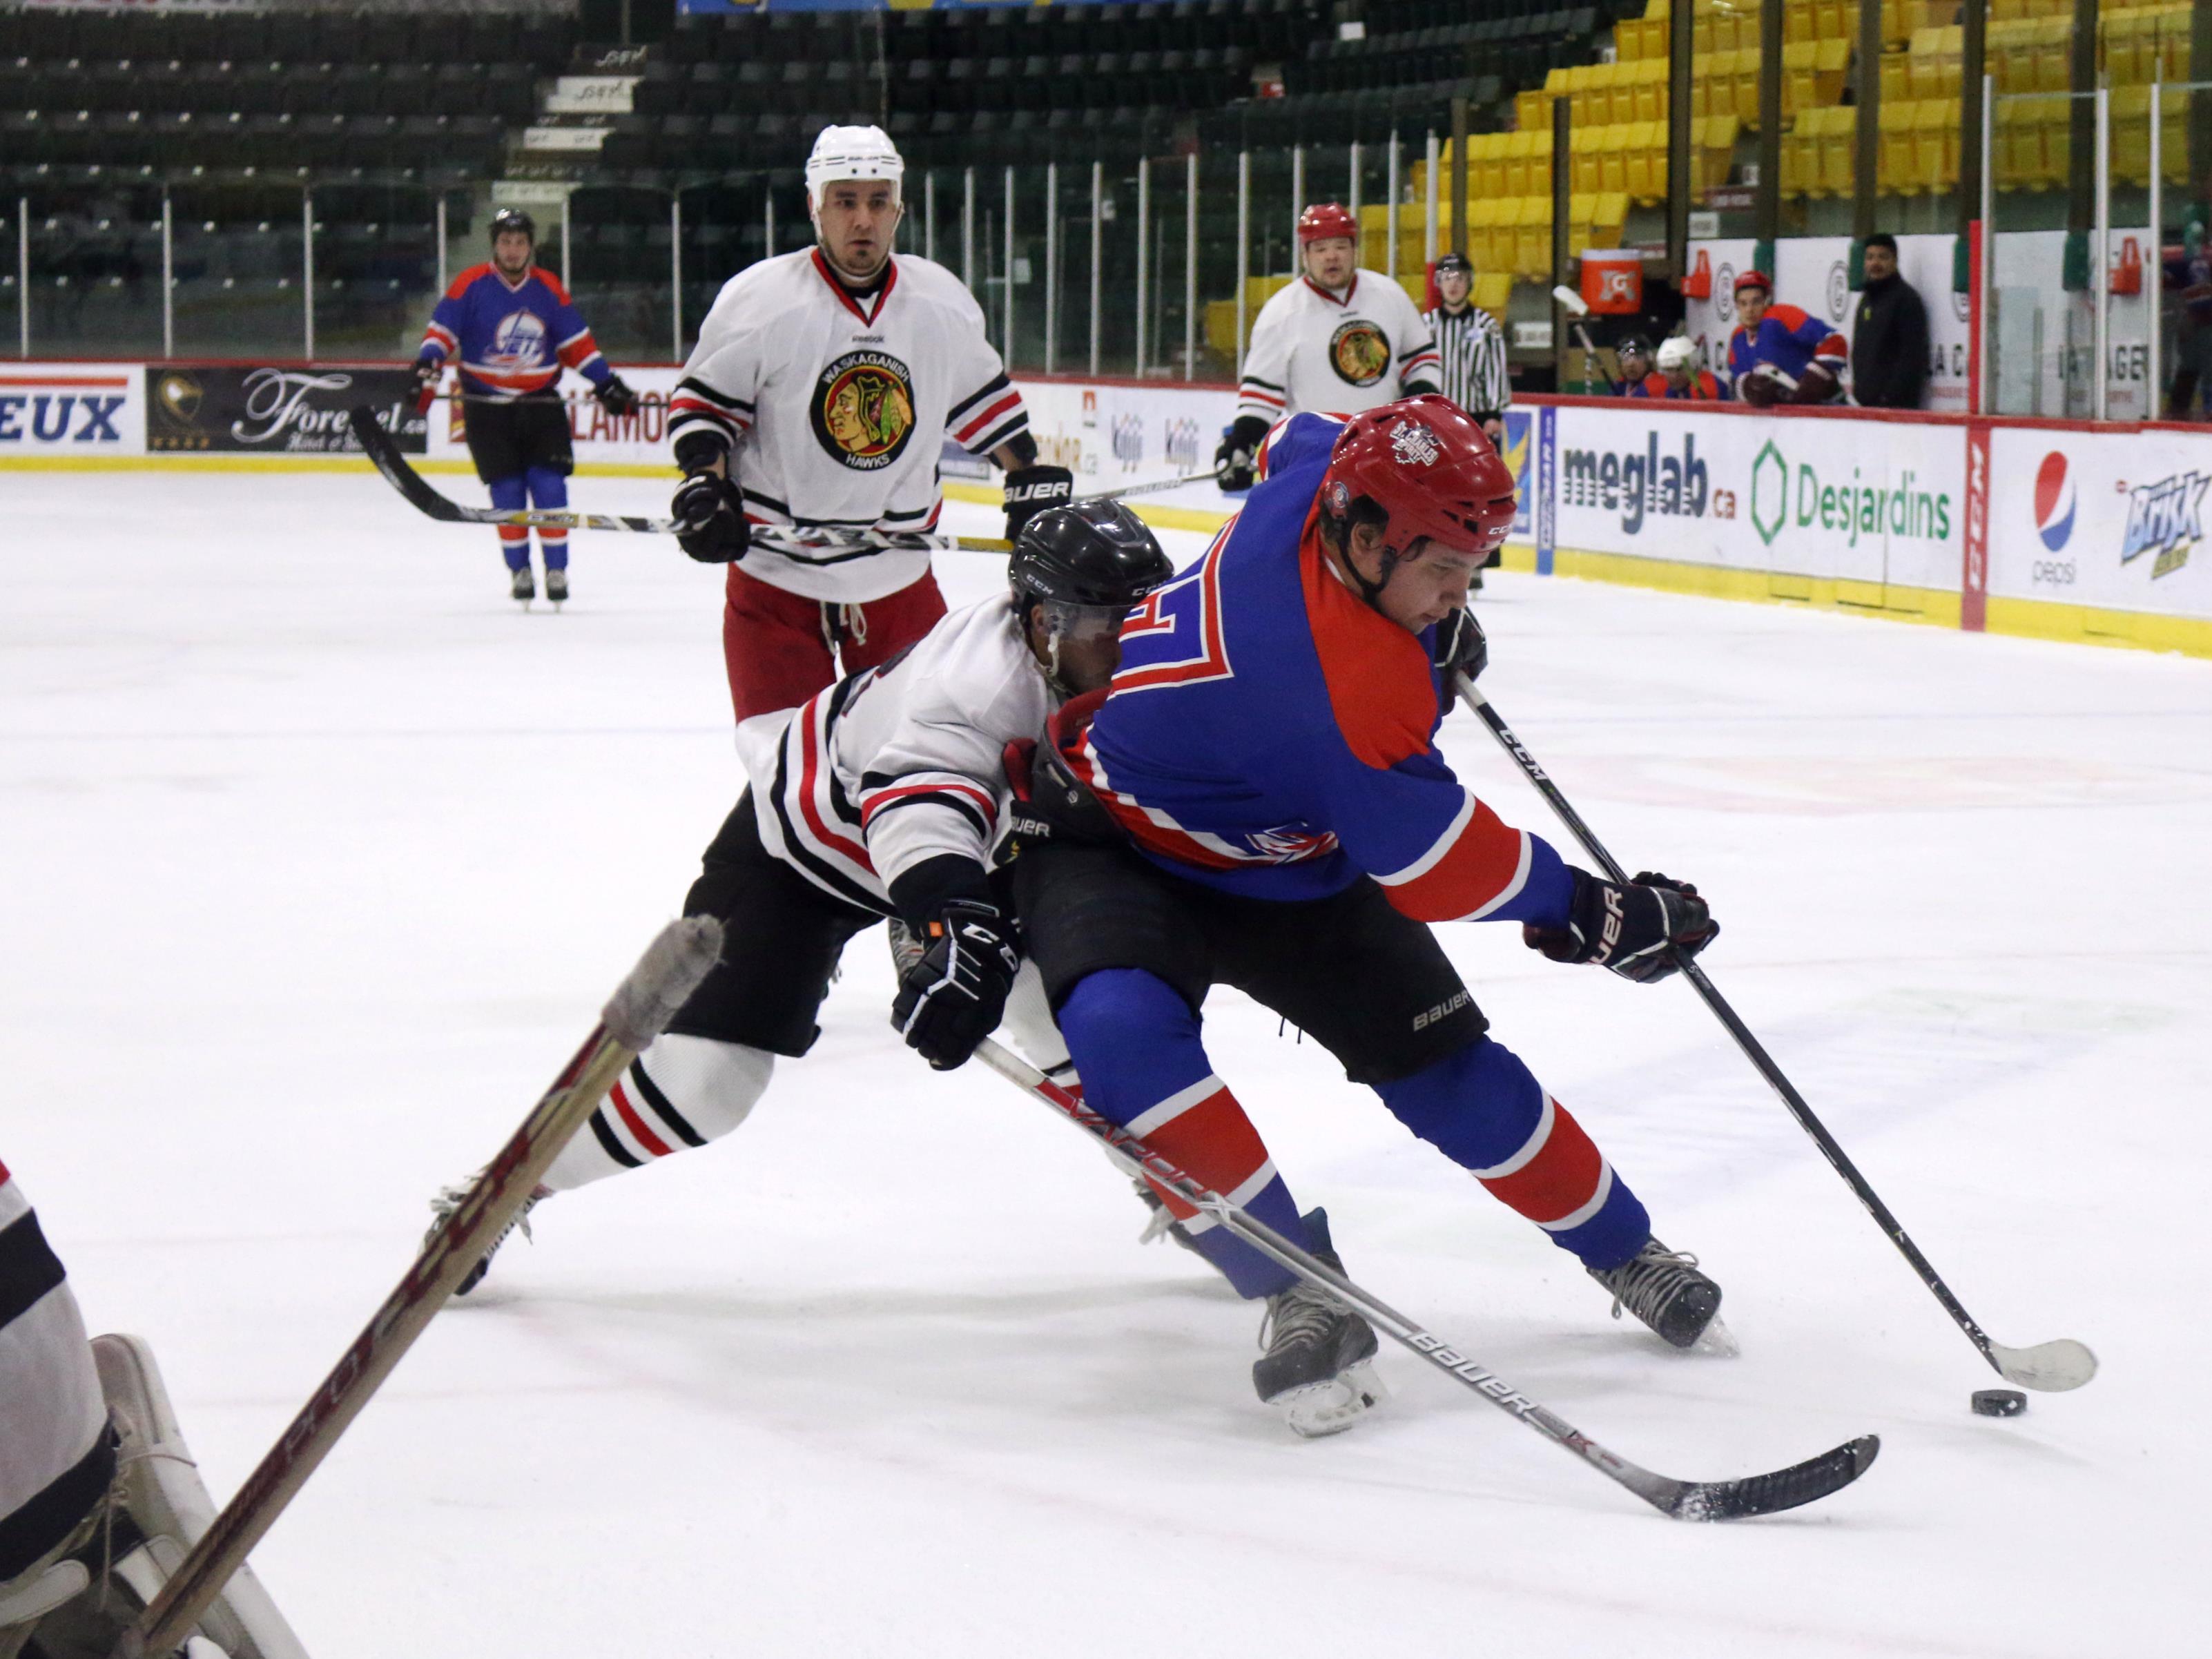 Des joueurs de hockey autochtones tentent de déjouer des gardiens de but lors d'un tournoi au Centre Air Creebec à Val-d'Or.